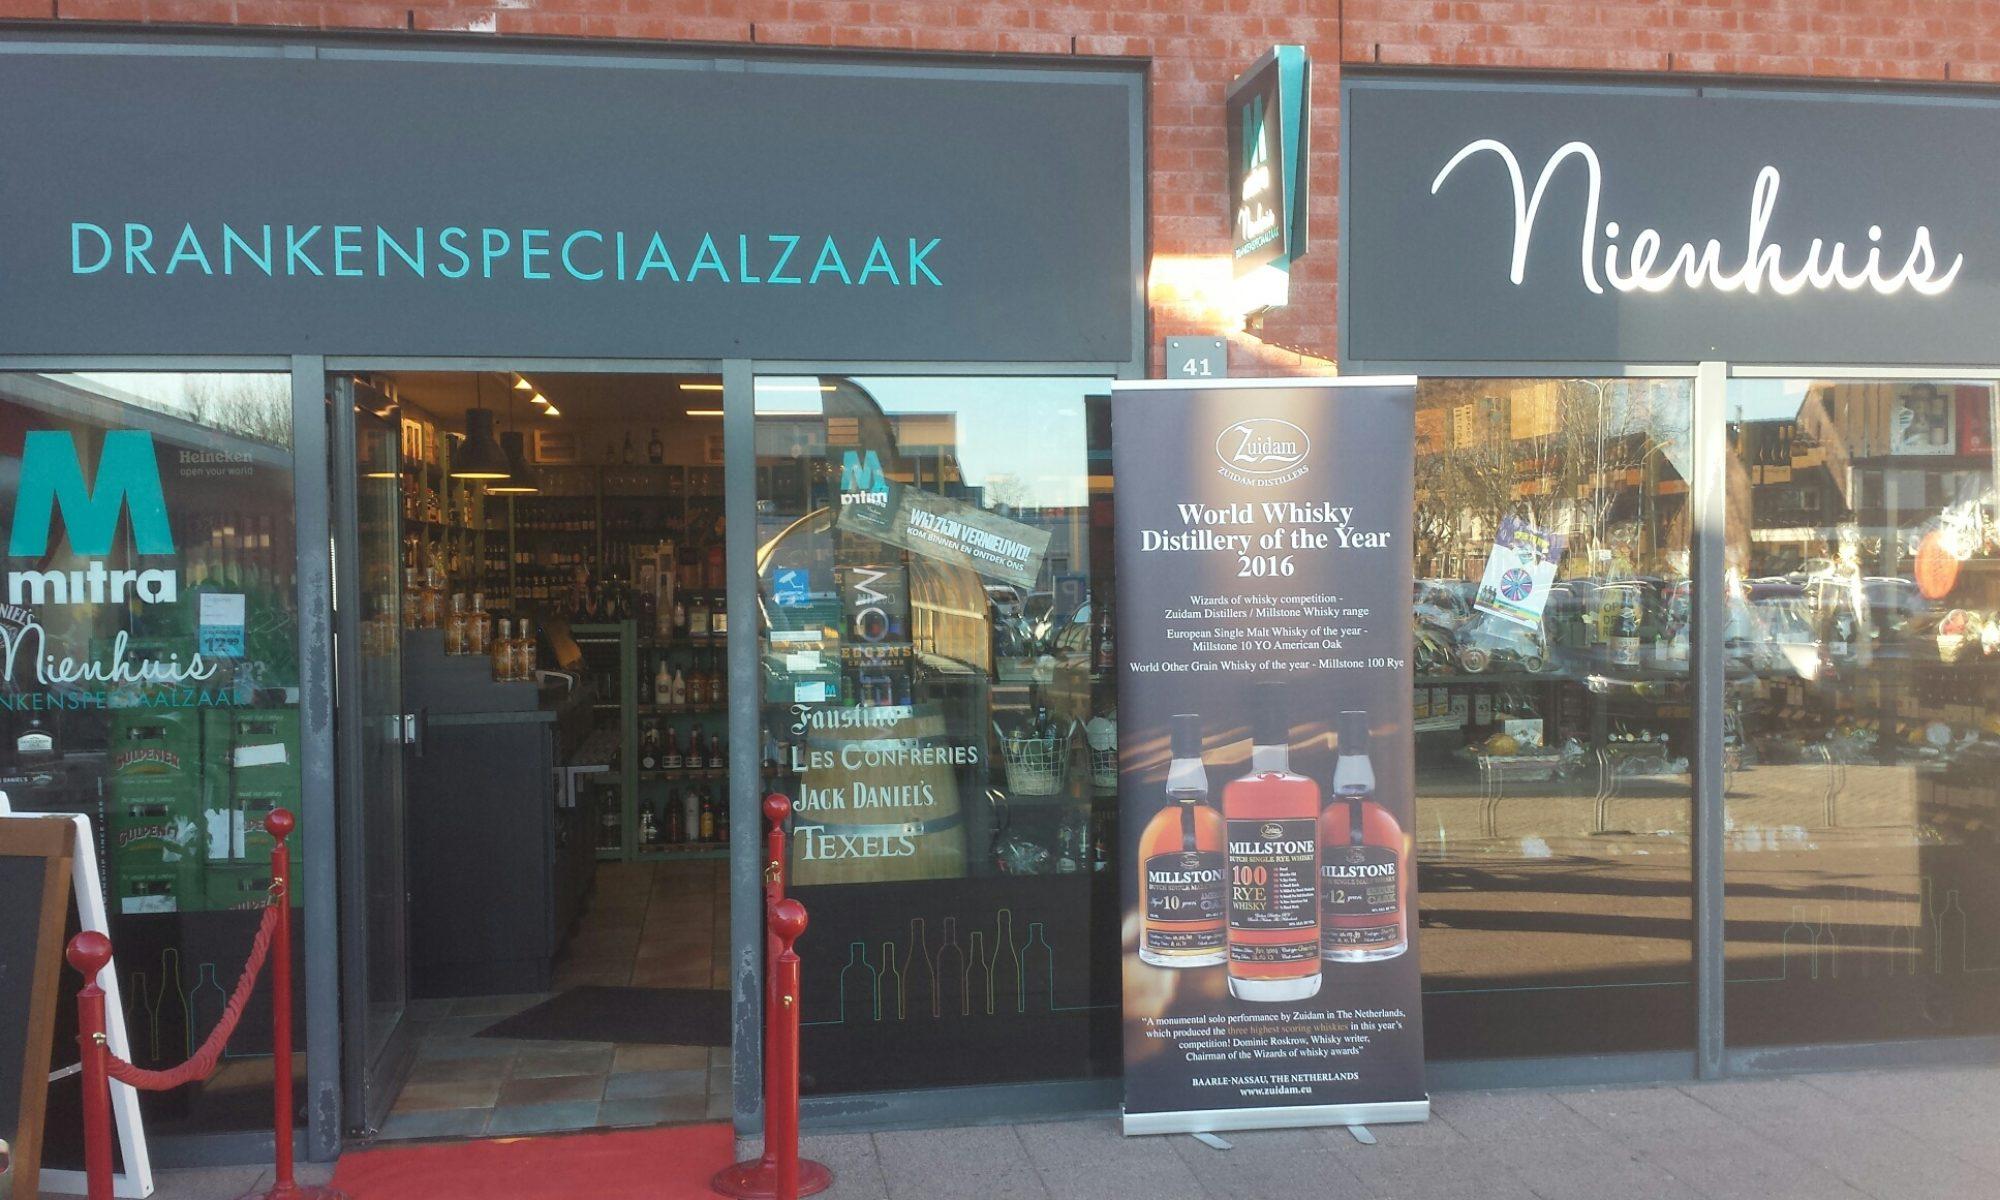 Drankenspeciaalzaak Nienhuis / Mitra Marsdijk Assen